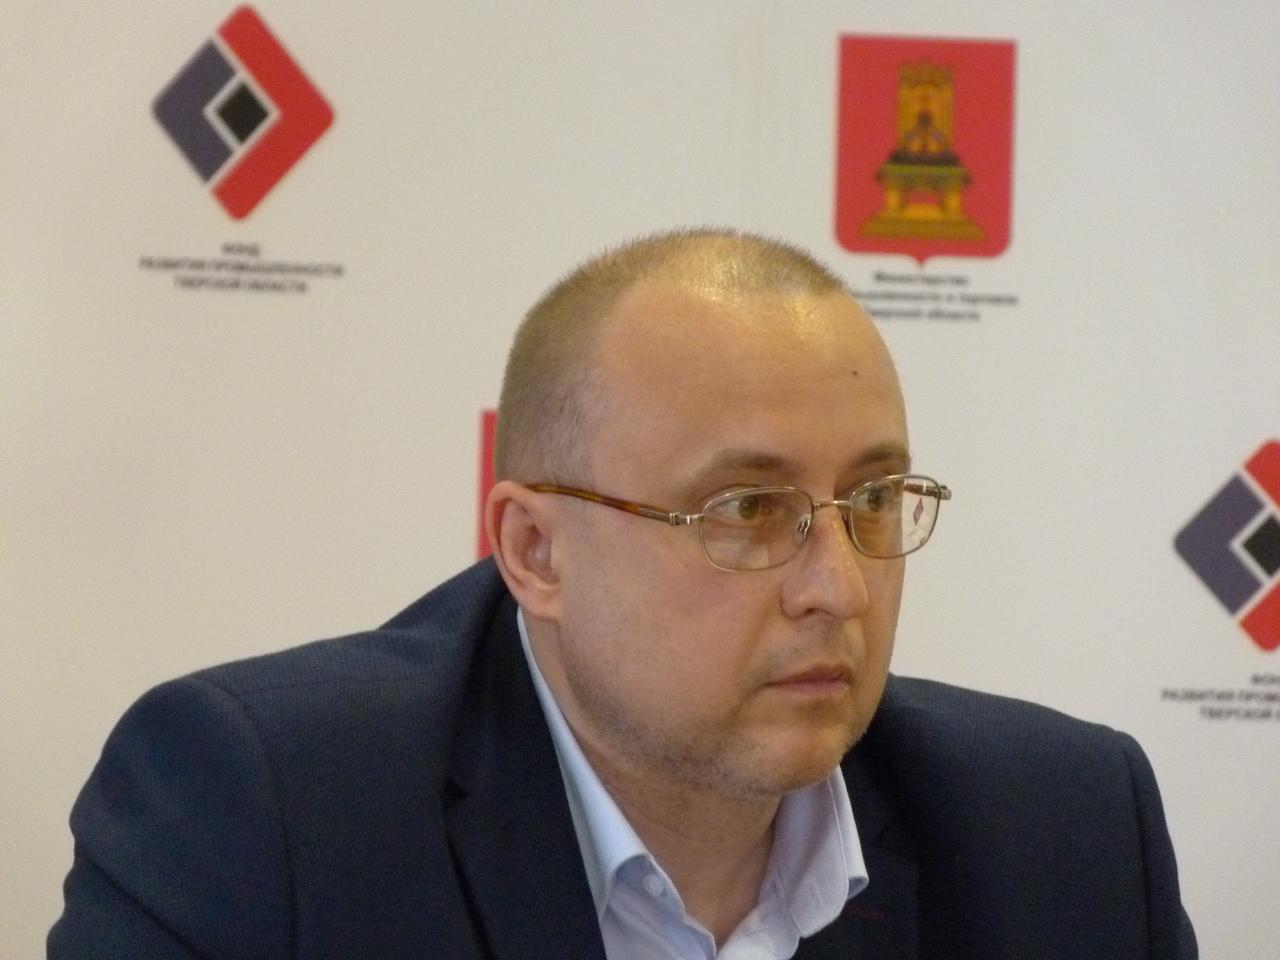 Иван Монахов: Важным моментом поддержки предприятий во время пандемии была минимизация ограничений